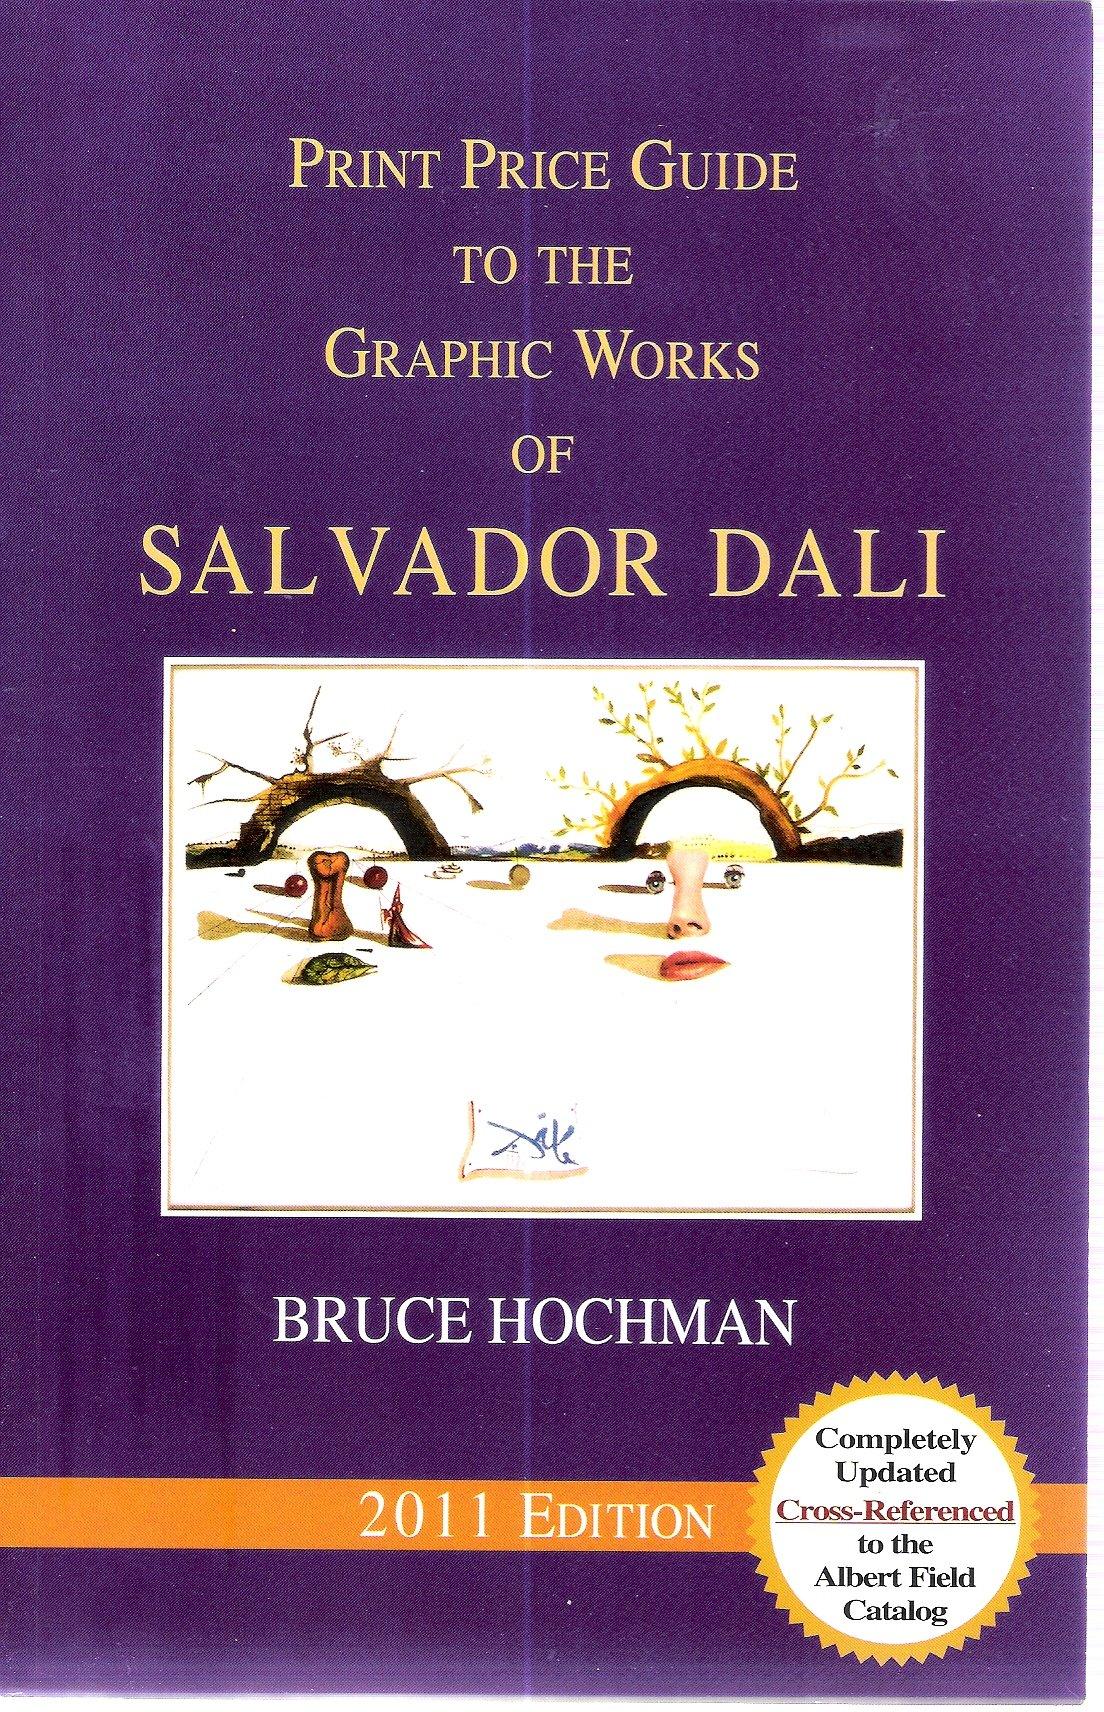 The salvador dali gallery books & catalogs.